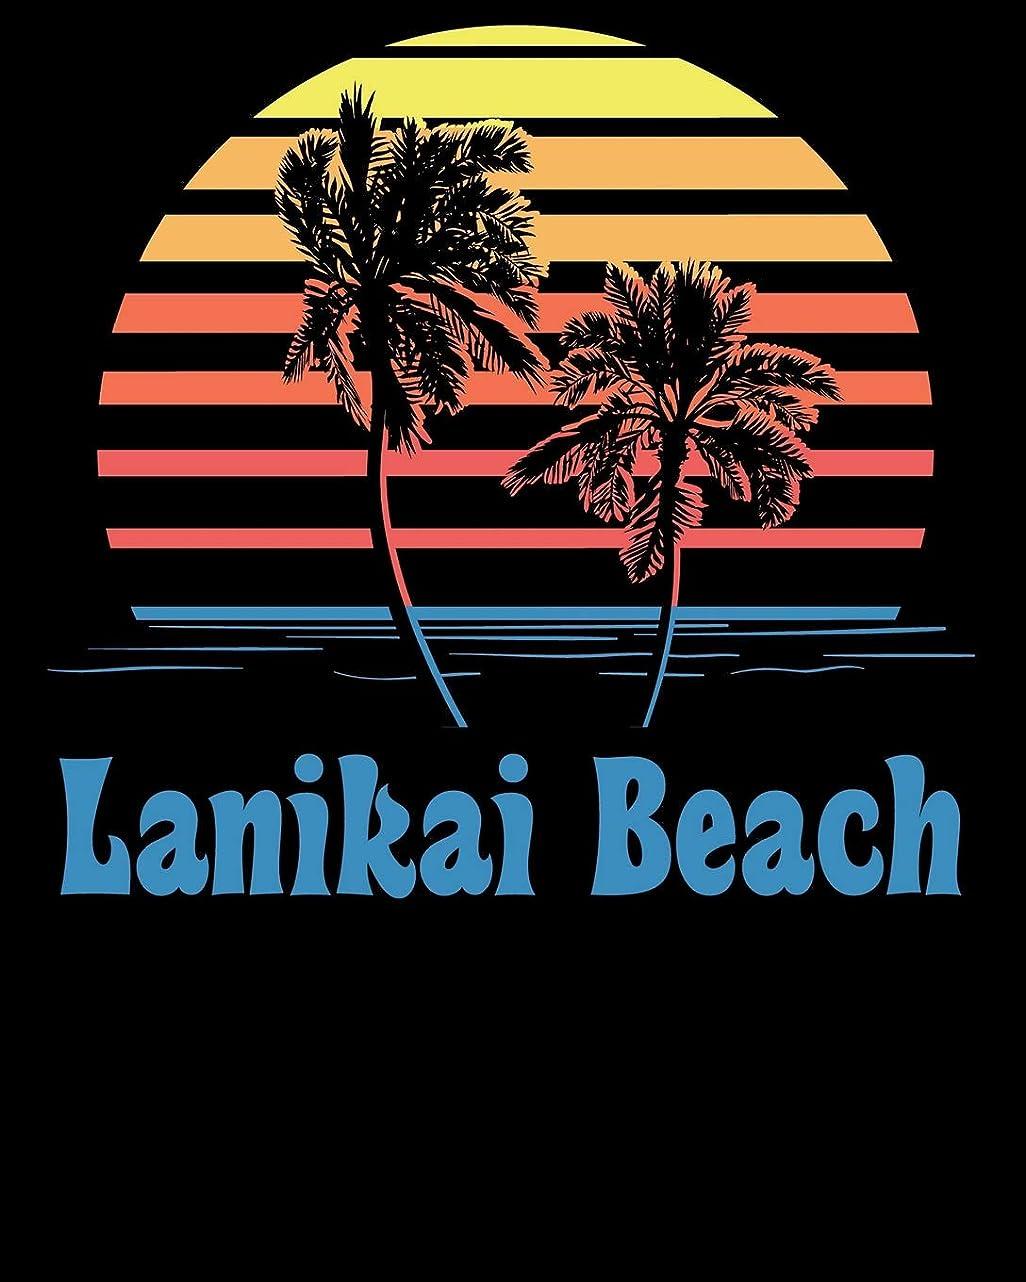 影響力のある錫近似Lanikai Beach: Beach Vacation Travel Planner and Journal (8 x 10)